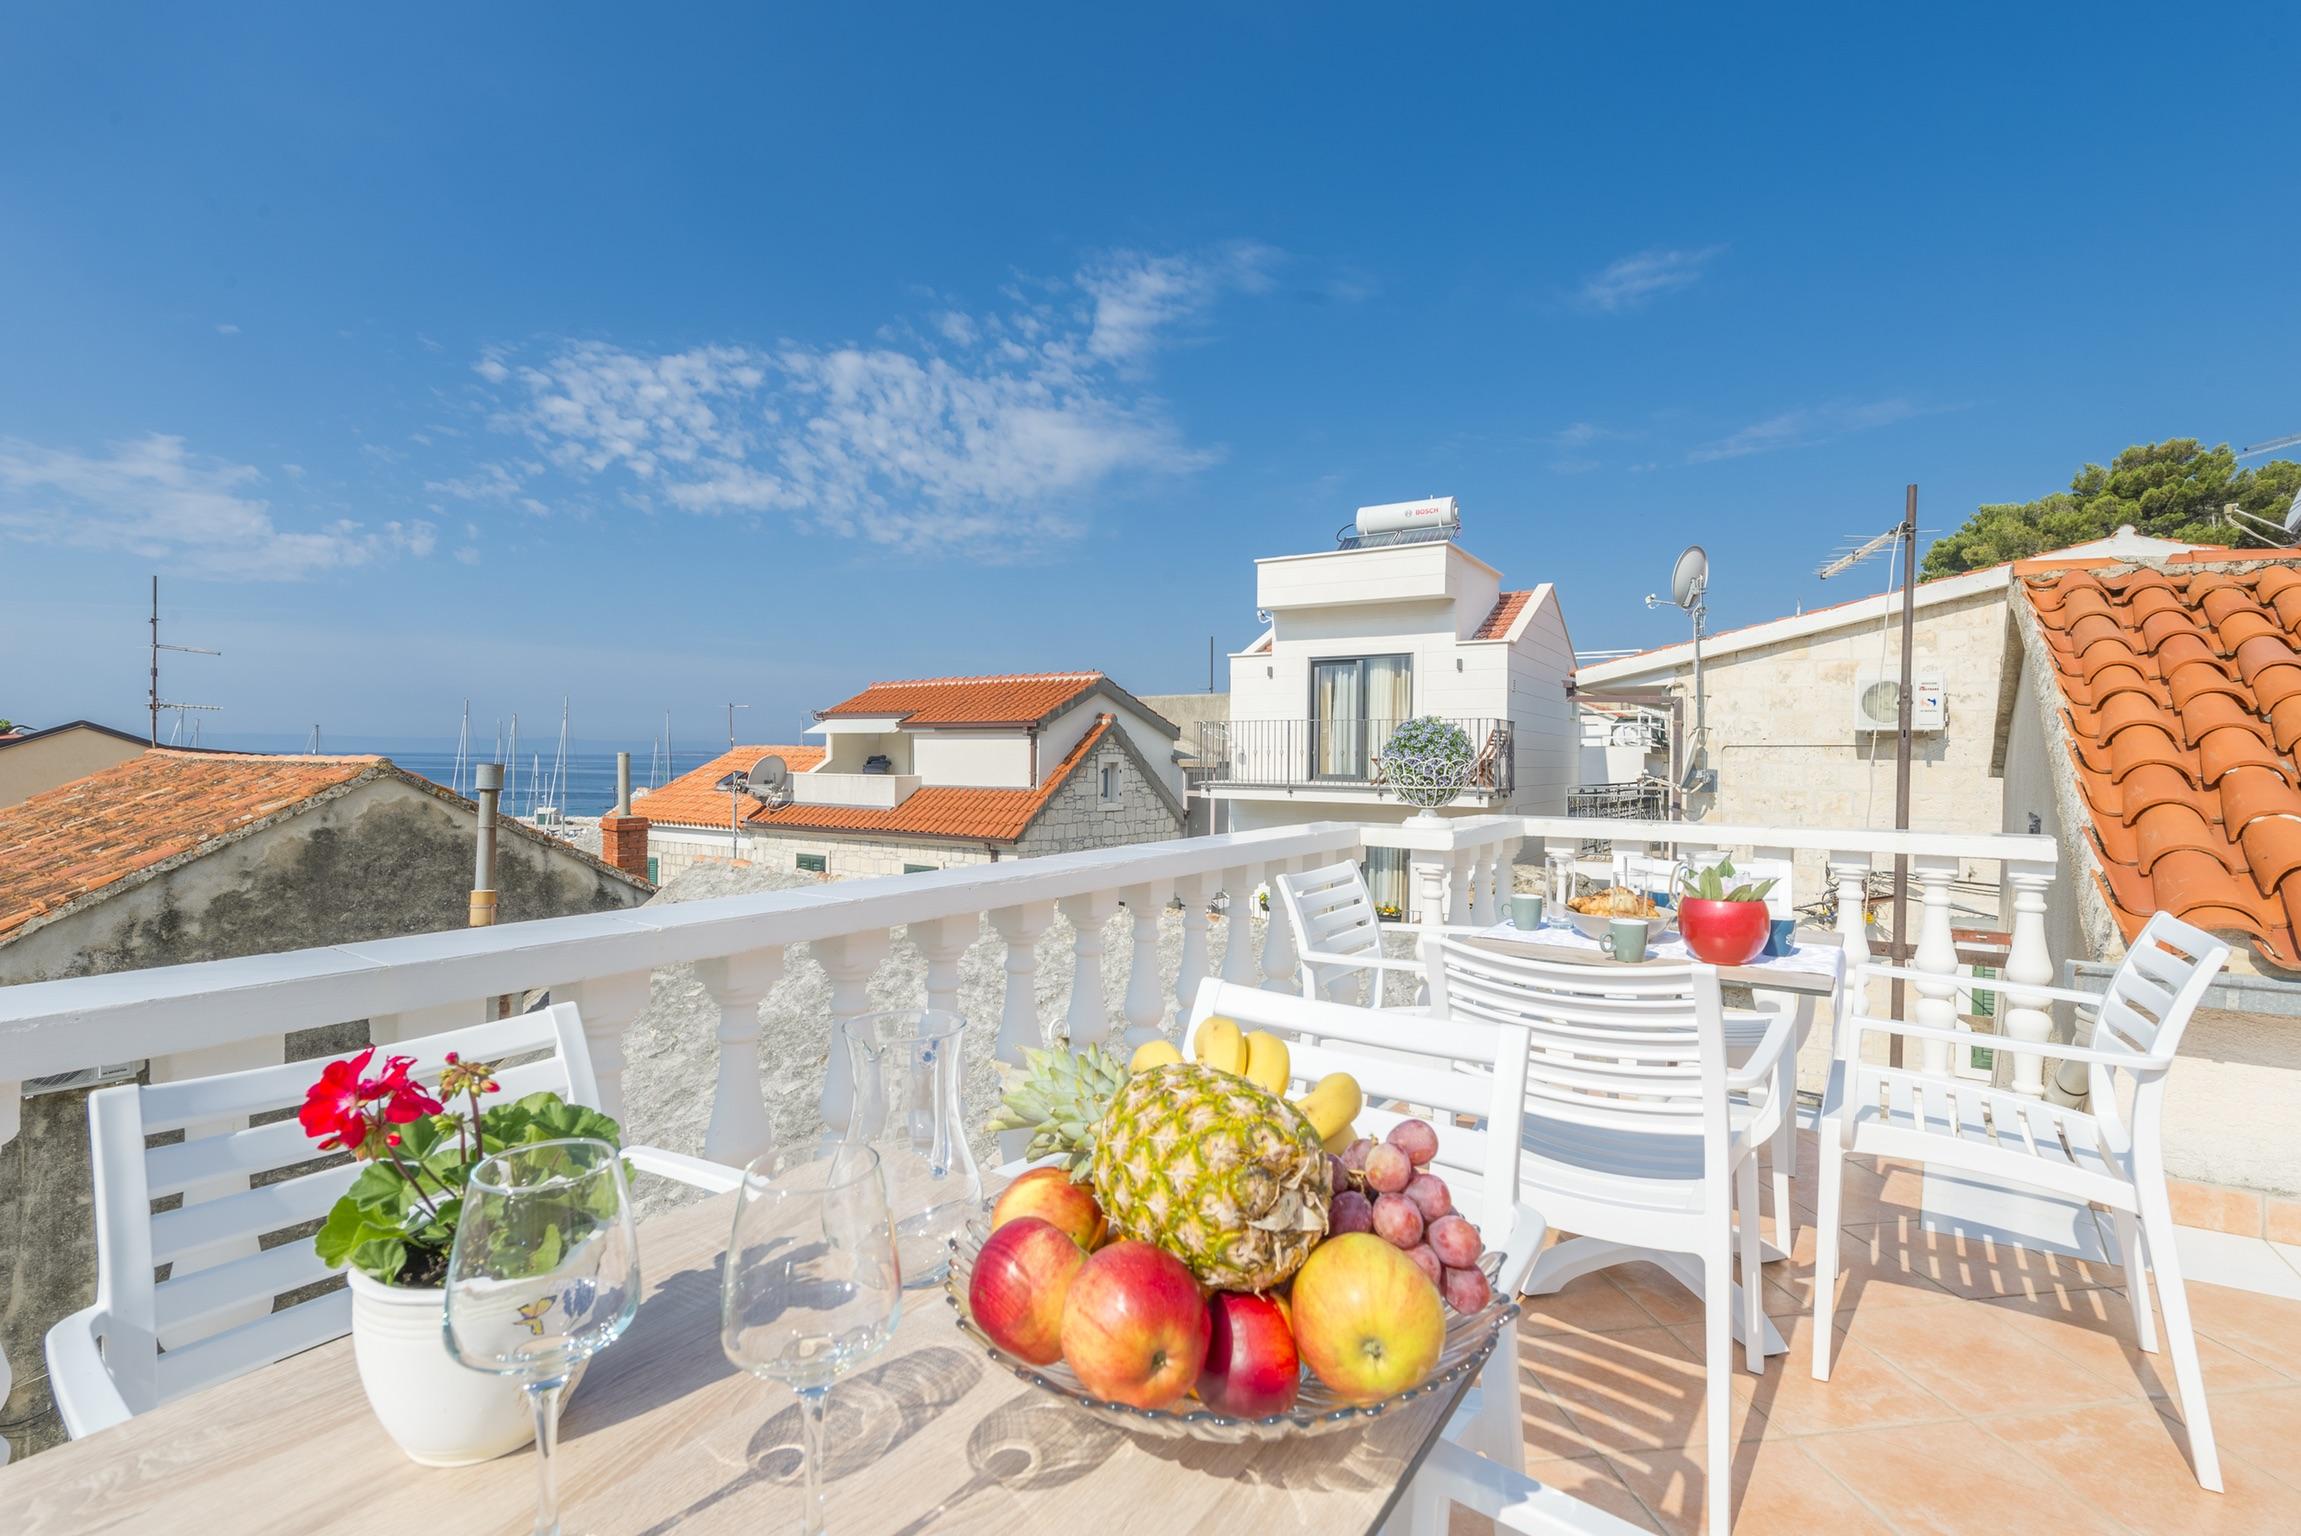 Ferienwohnung Wohnung mit 2 Zimmern in Baaka Voda mit herrlichem Meerblick, möblierter Terrasse und W-L (2201397), Baška Voda, , Dalmatien, Kroatien, Bild 4